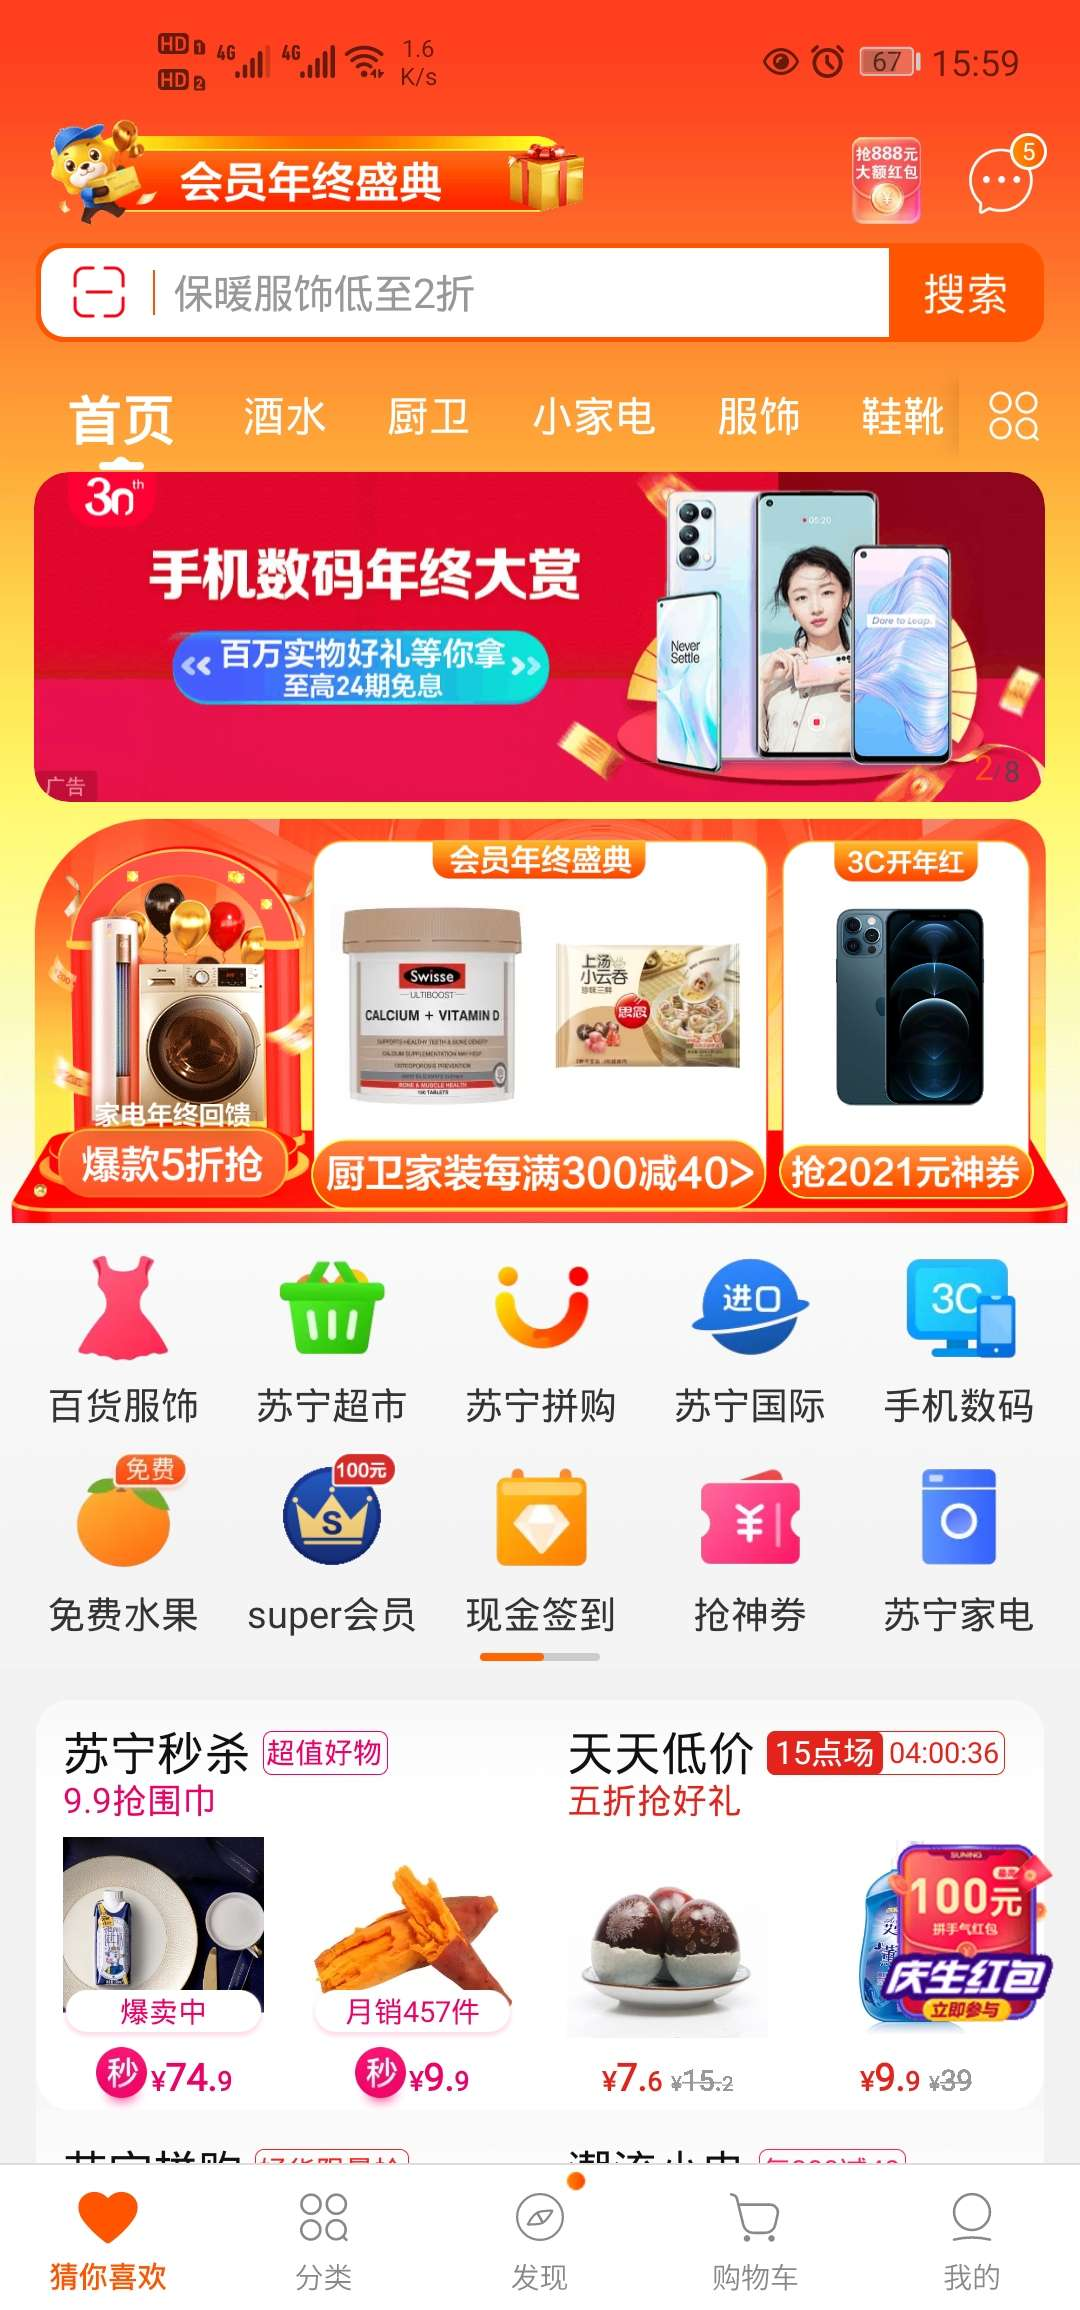 图片[1]-苏宁会员庆生红包最高100元-老友薅羊毛活动线报网